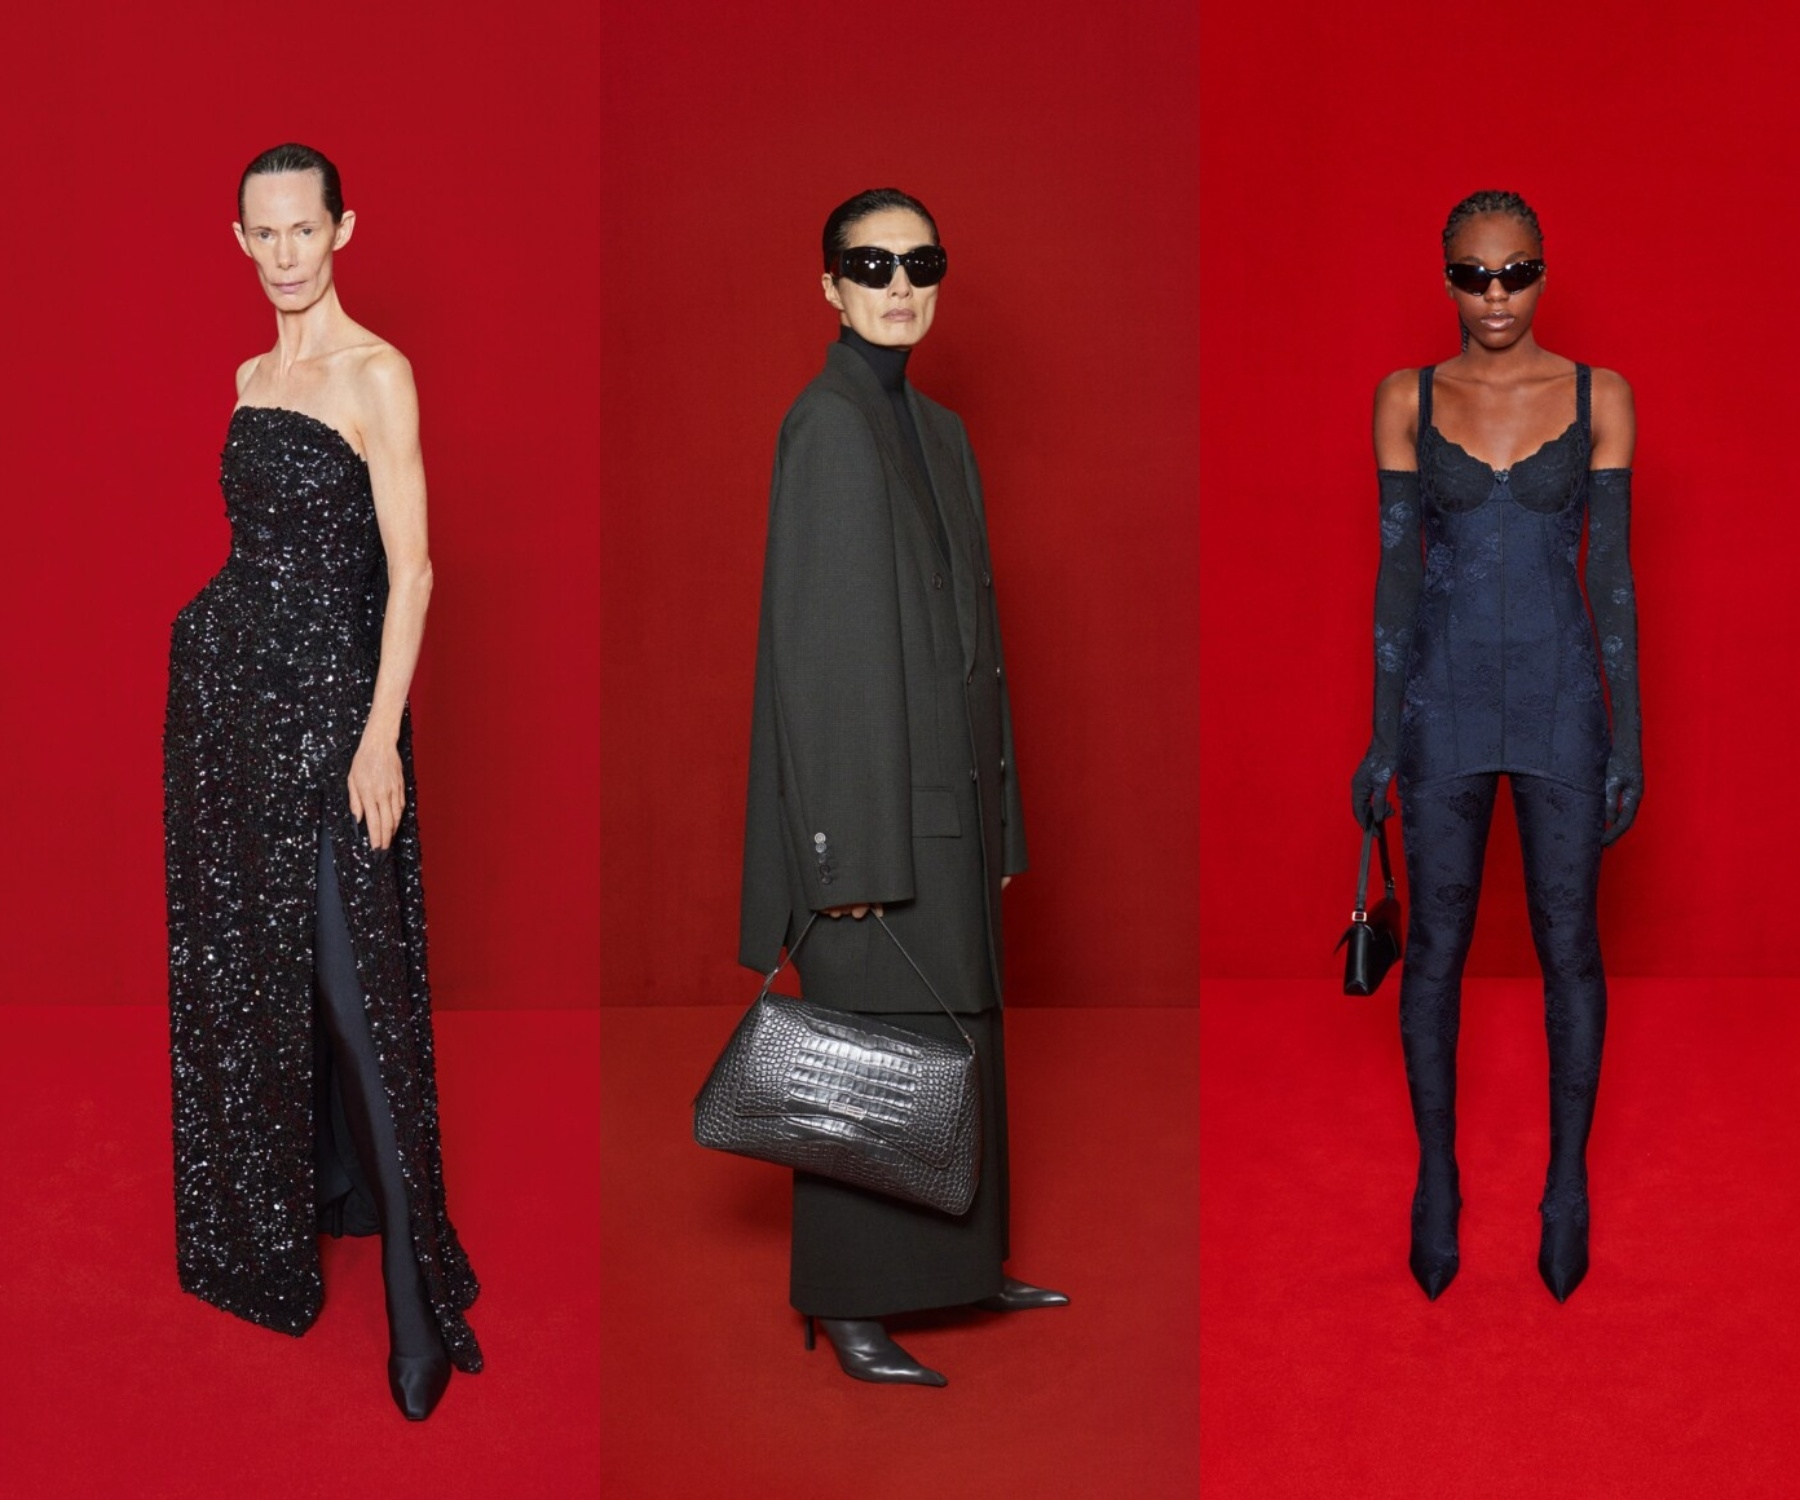 Неделя моды в Париже: подборка самых интересных коллекций — от Chanel до Balenciaga (ФОТО) - фото №1